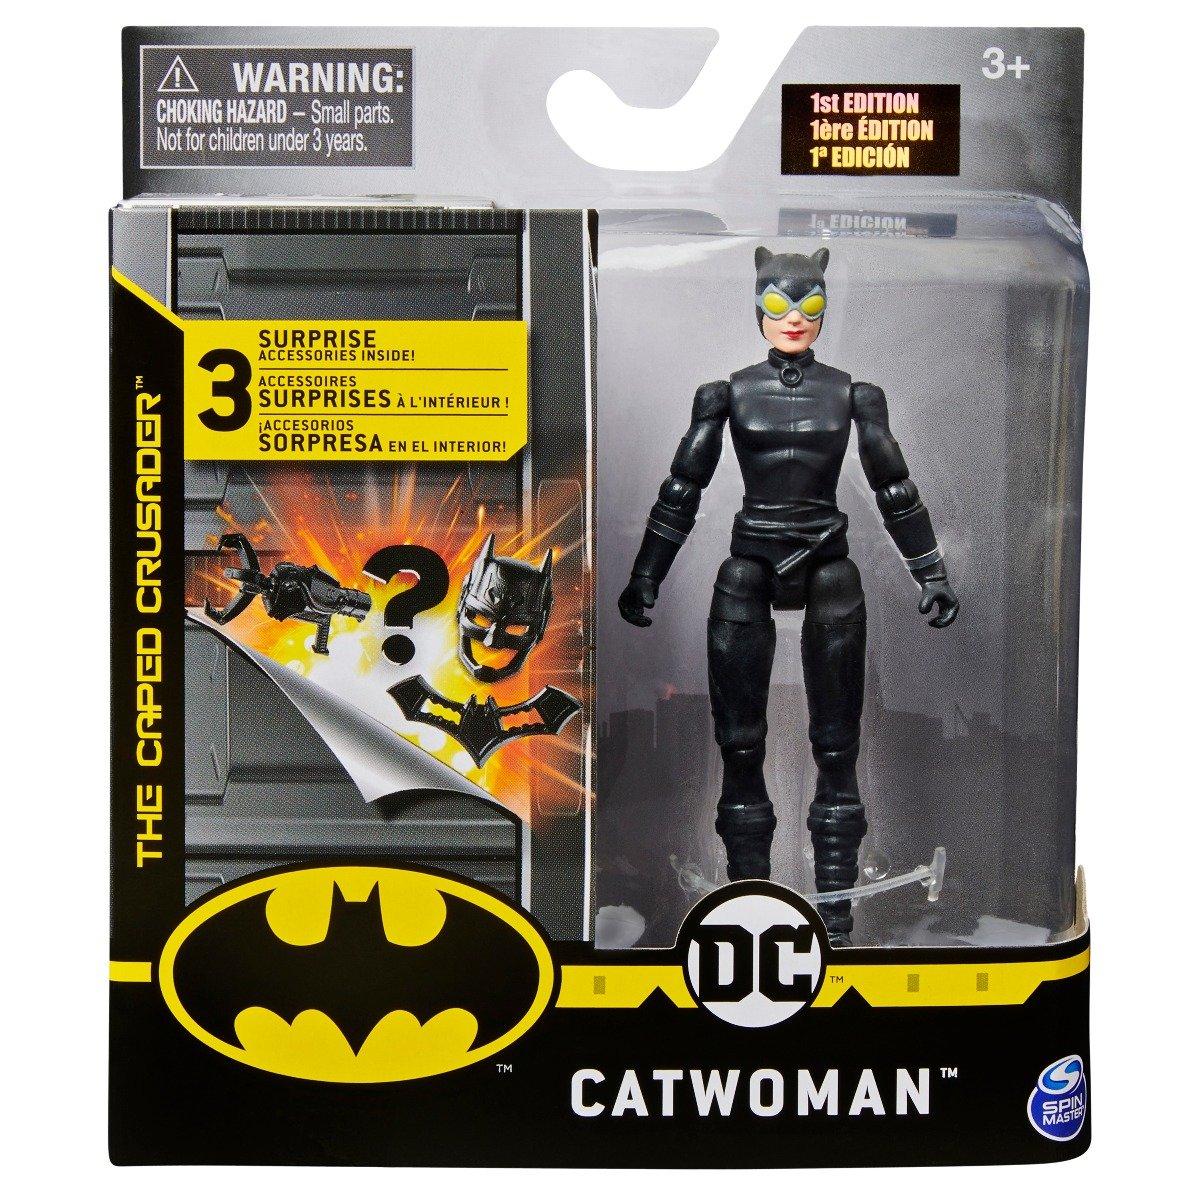 Set Figurina cu accesorii surpriza Batman, Catwoman 20125781